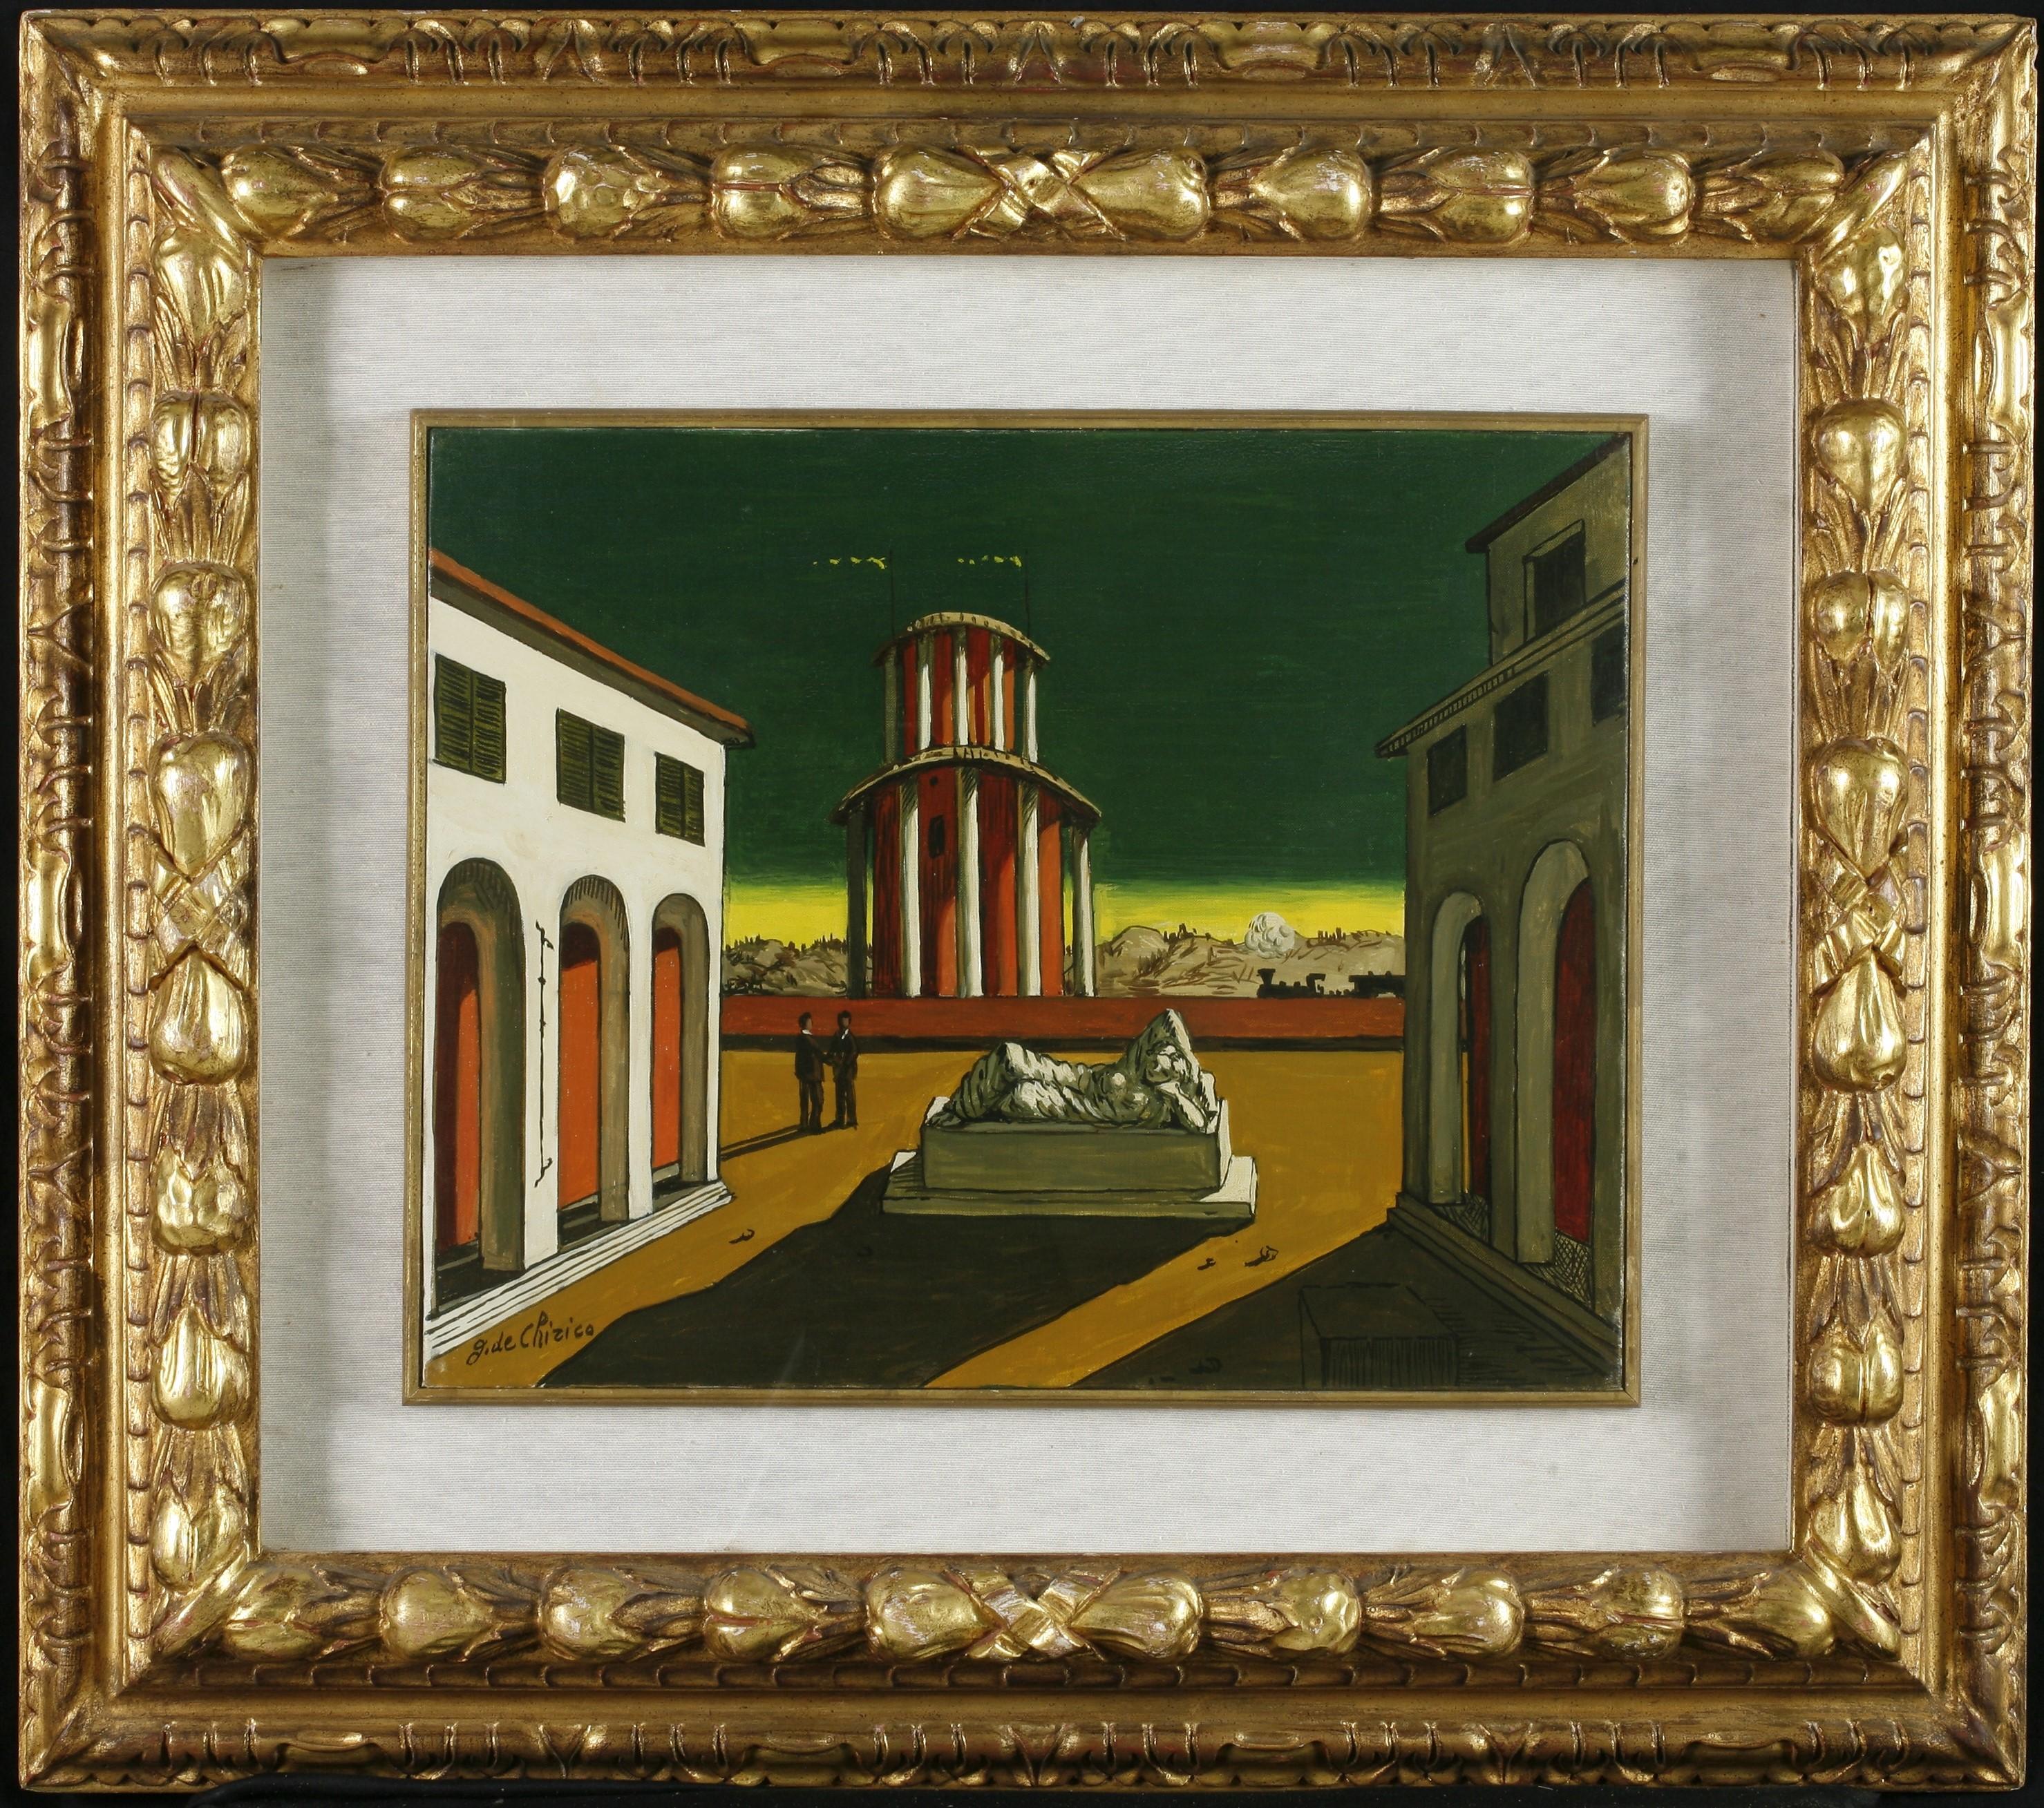 Piazza d'Italia, Architetture urbane (dipinto, opera isolata) di de Chirico Giorgio - ambito italiano (prima metà XX)